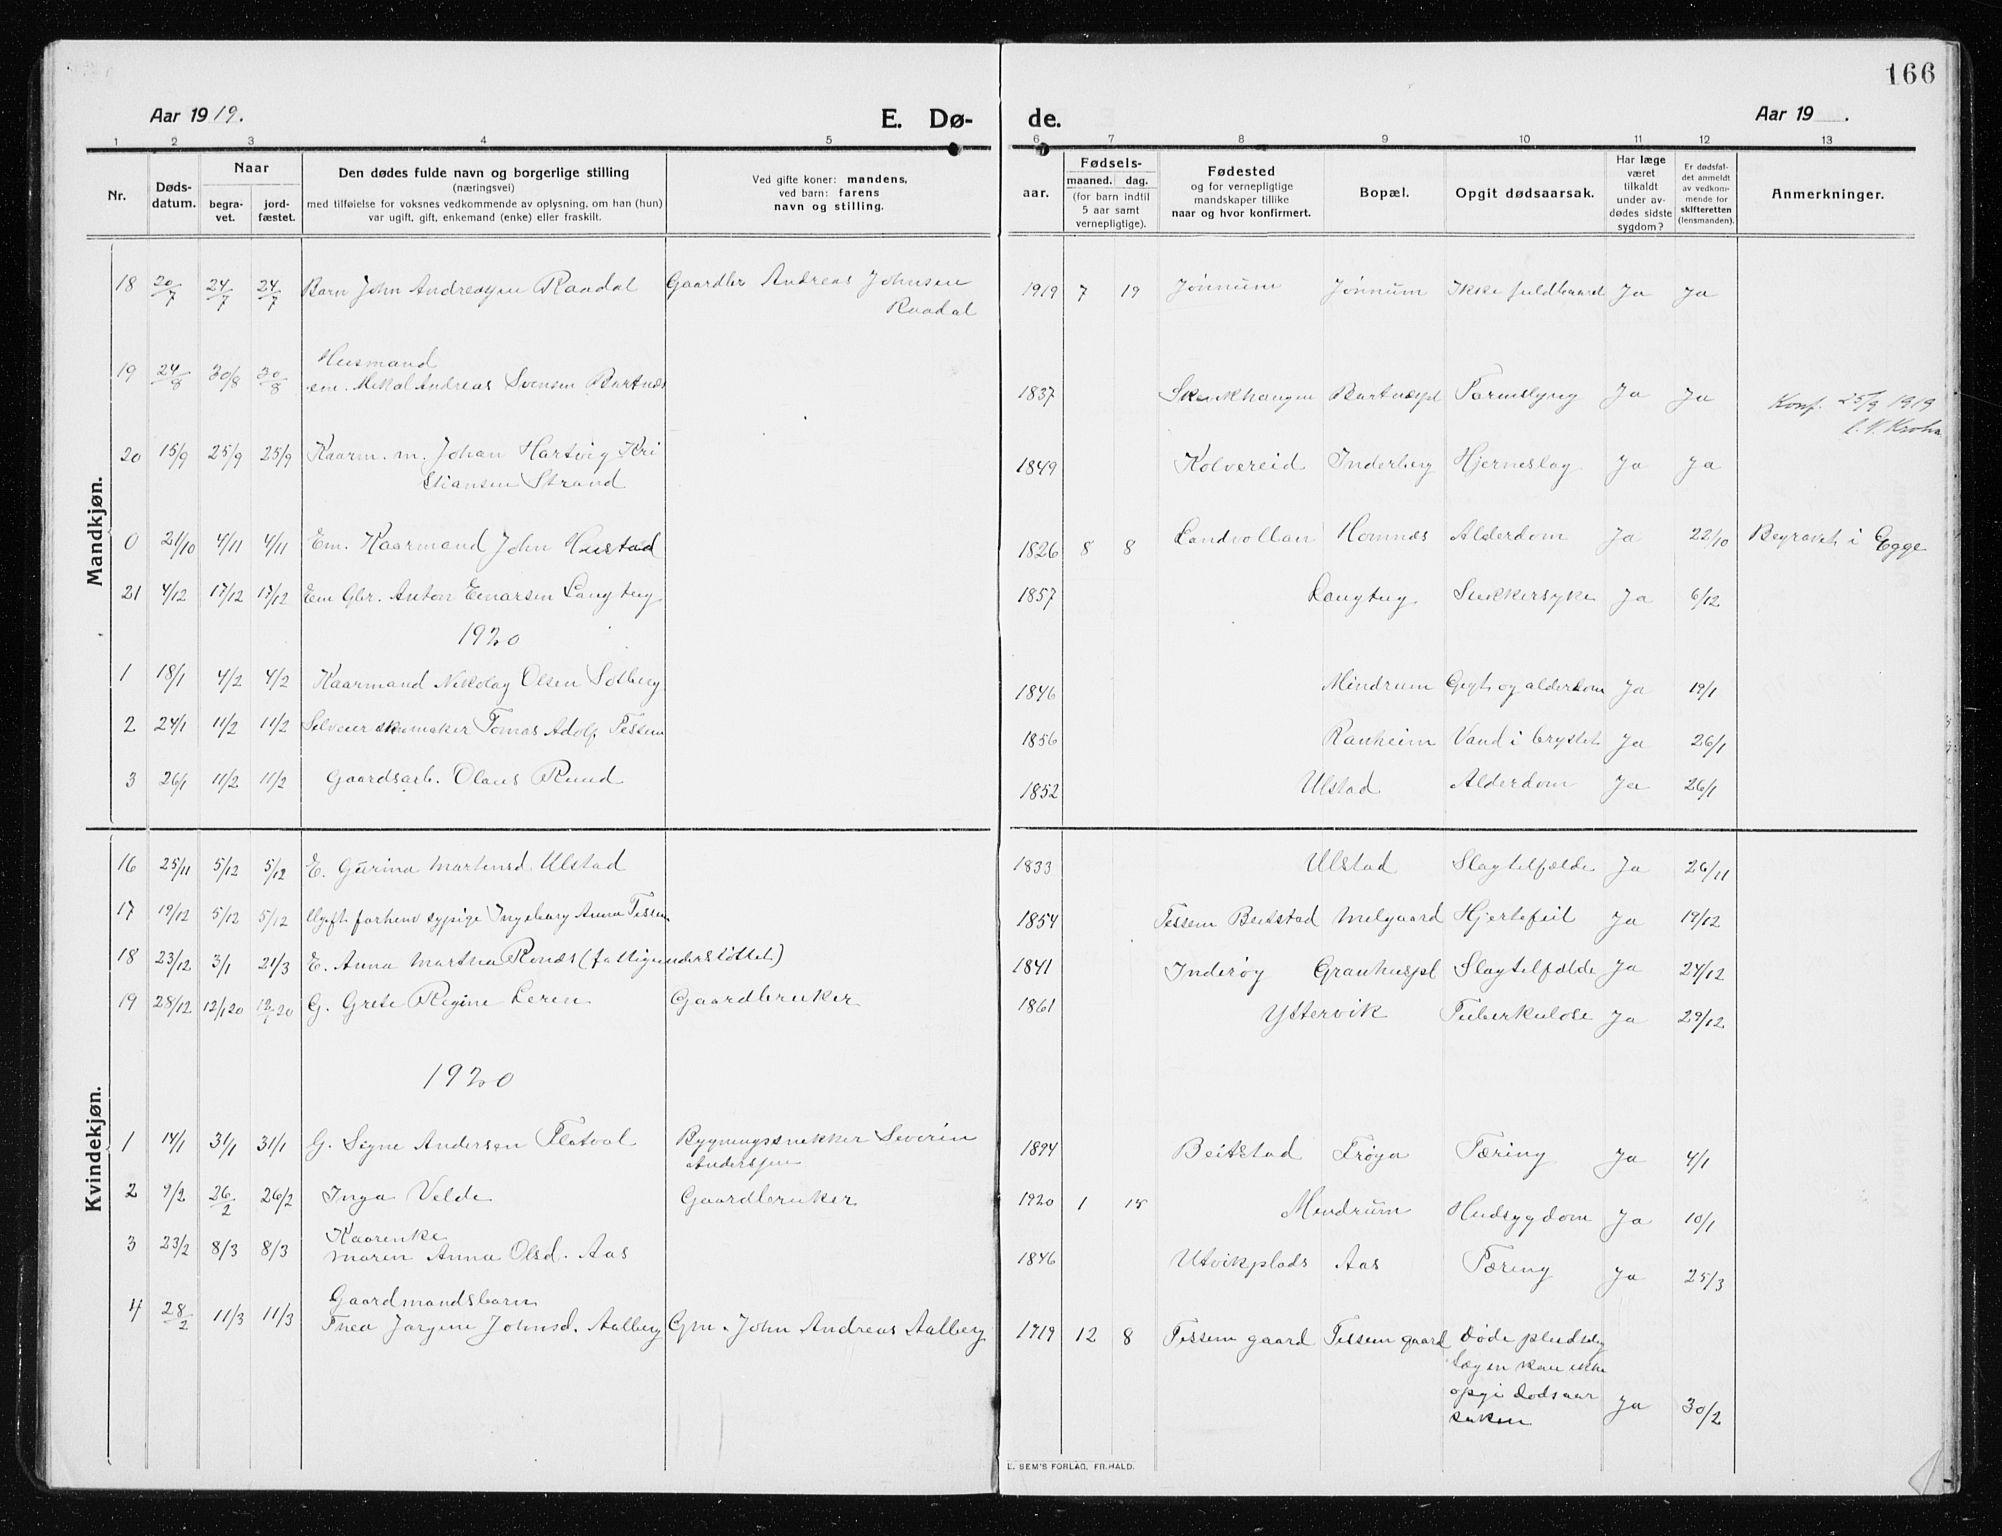 SAT, Ministerialprotokoller, klokkerbøker og fødselsregistre - Nord-Trøndelag, 741/L0402: Klokkerbok nr. 741C03, 1911-1926, s. 166